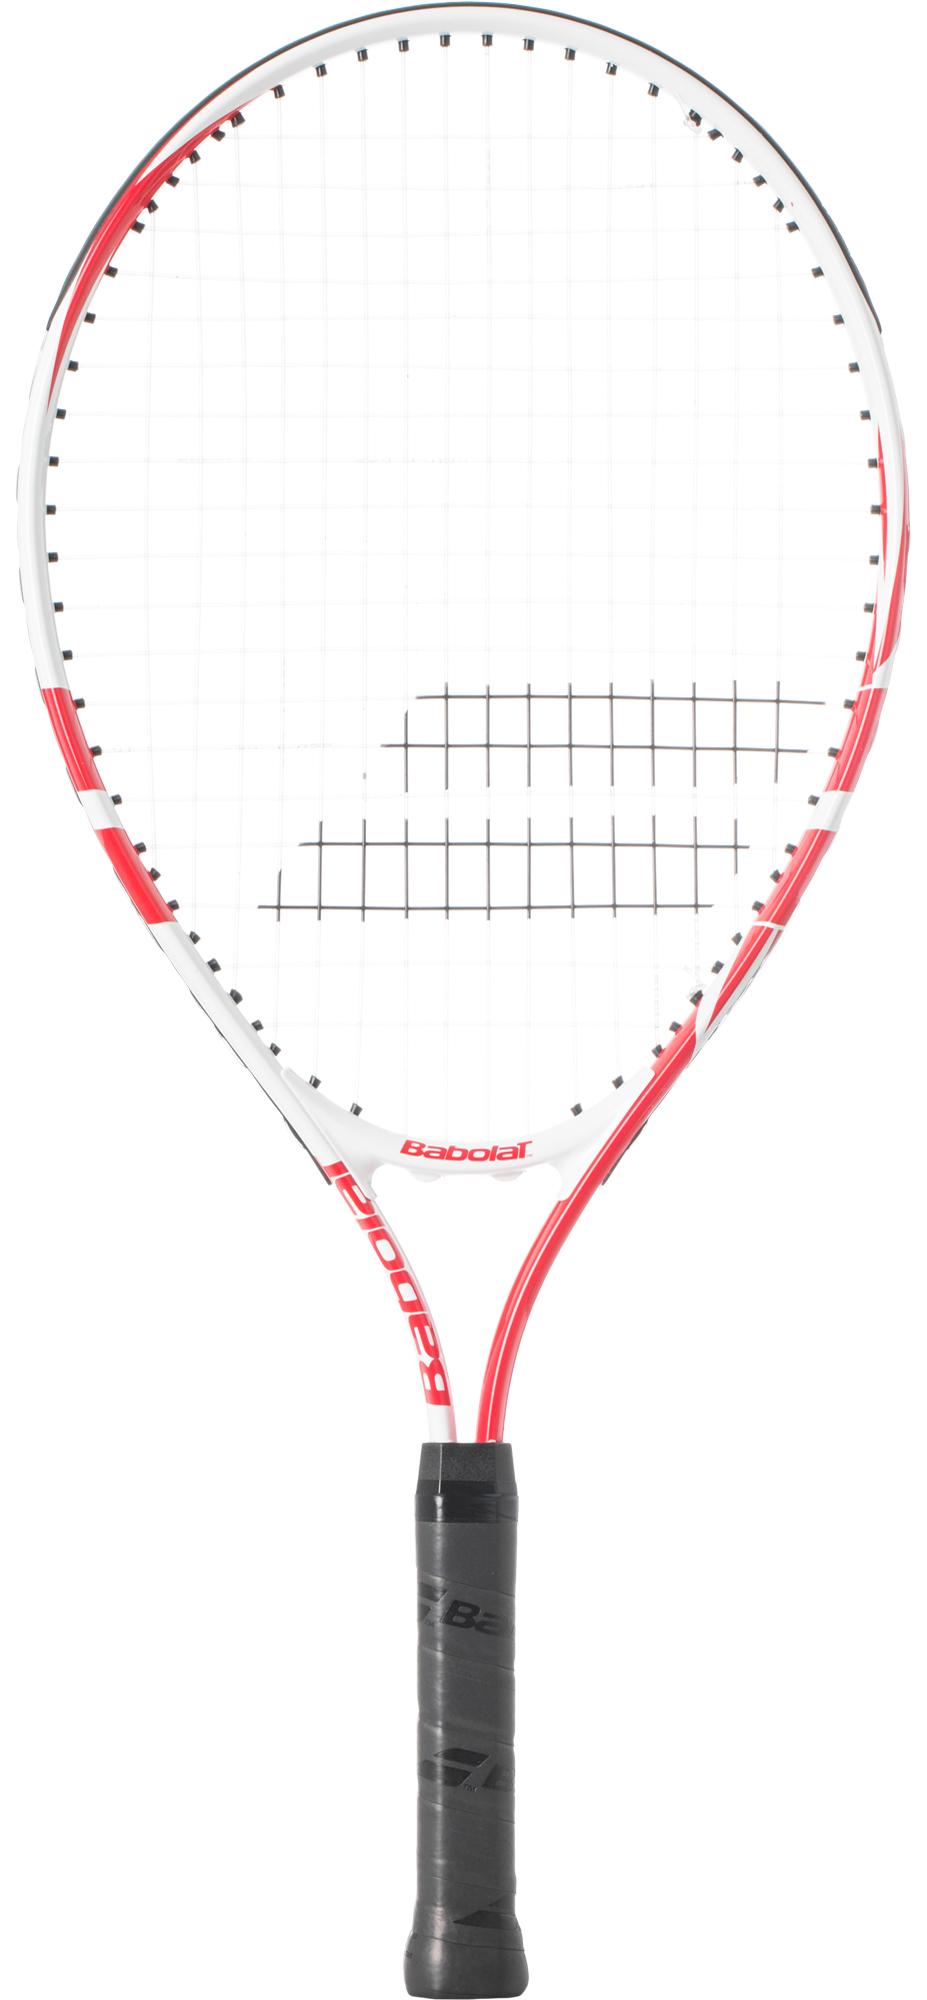 Babolat Ракетка для большого тенниса детская Babolat Comet 23